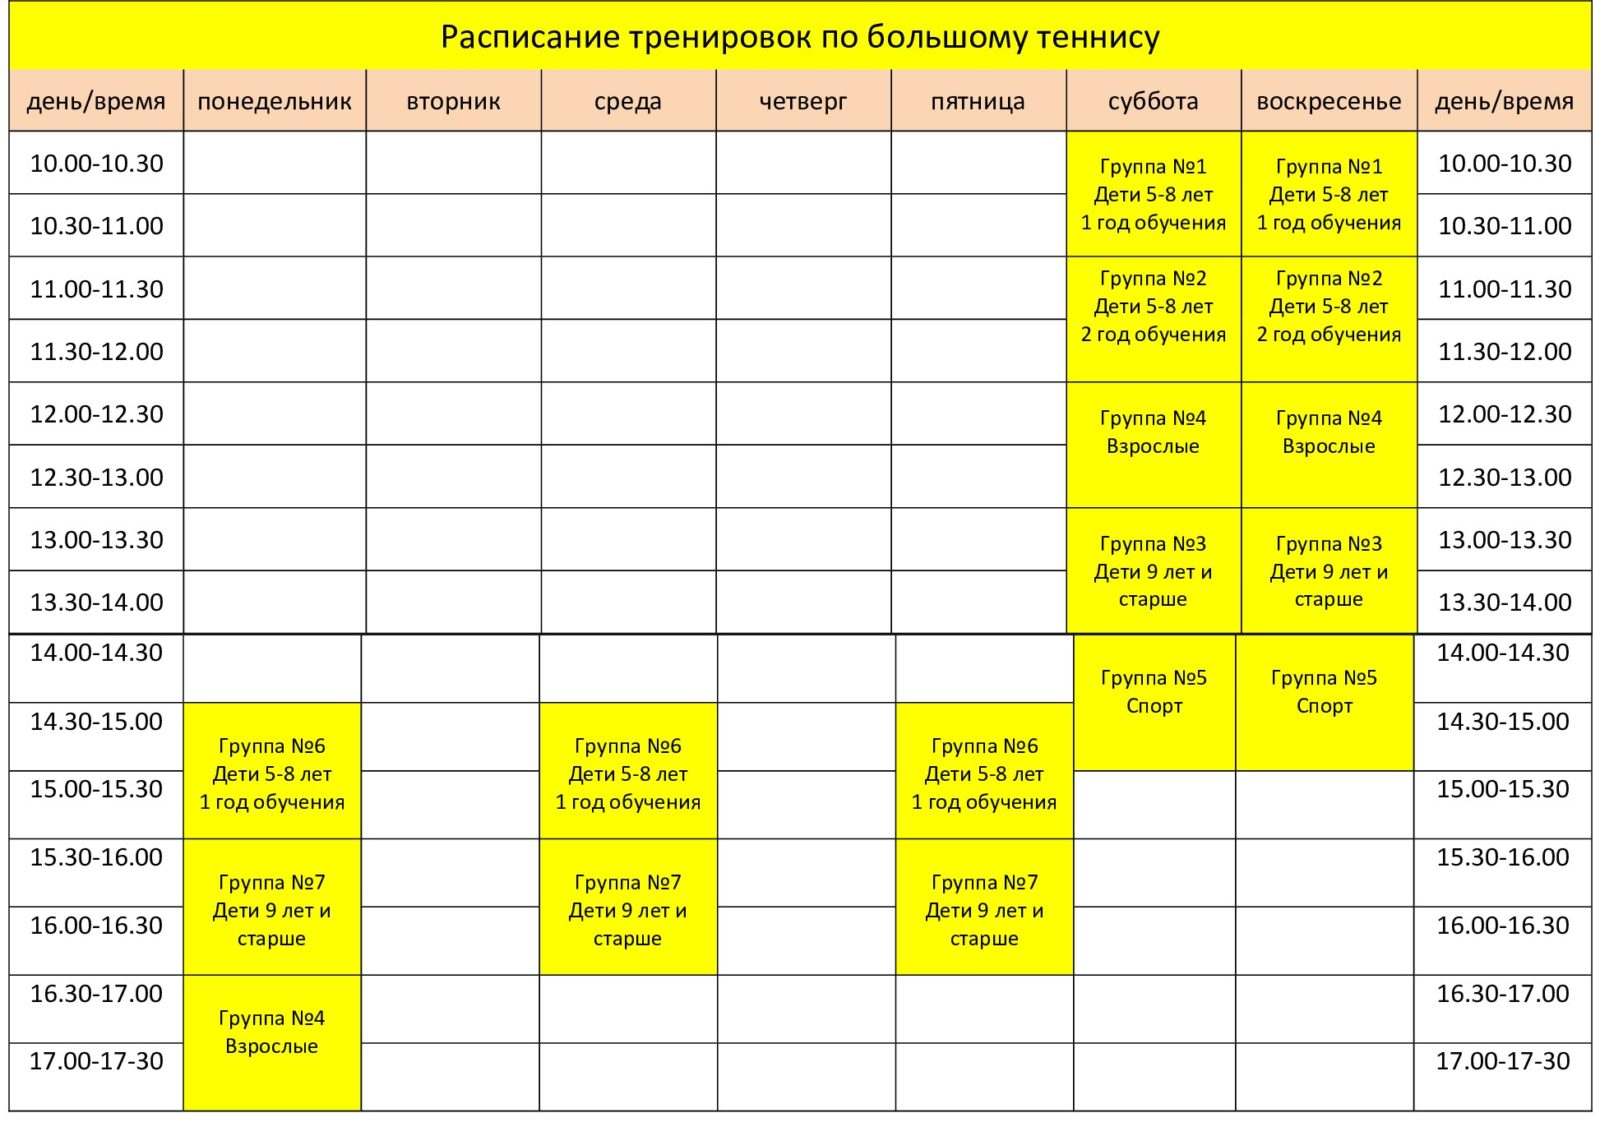 Расписание детских тренировок по большому теннису и футболу